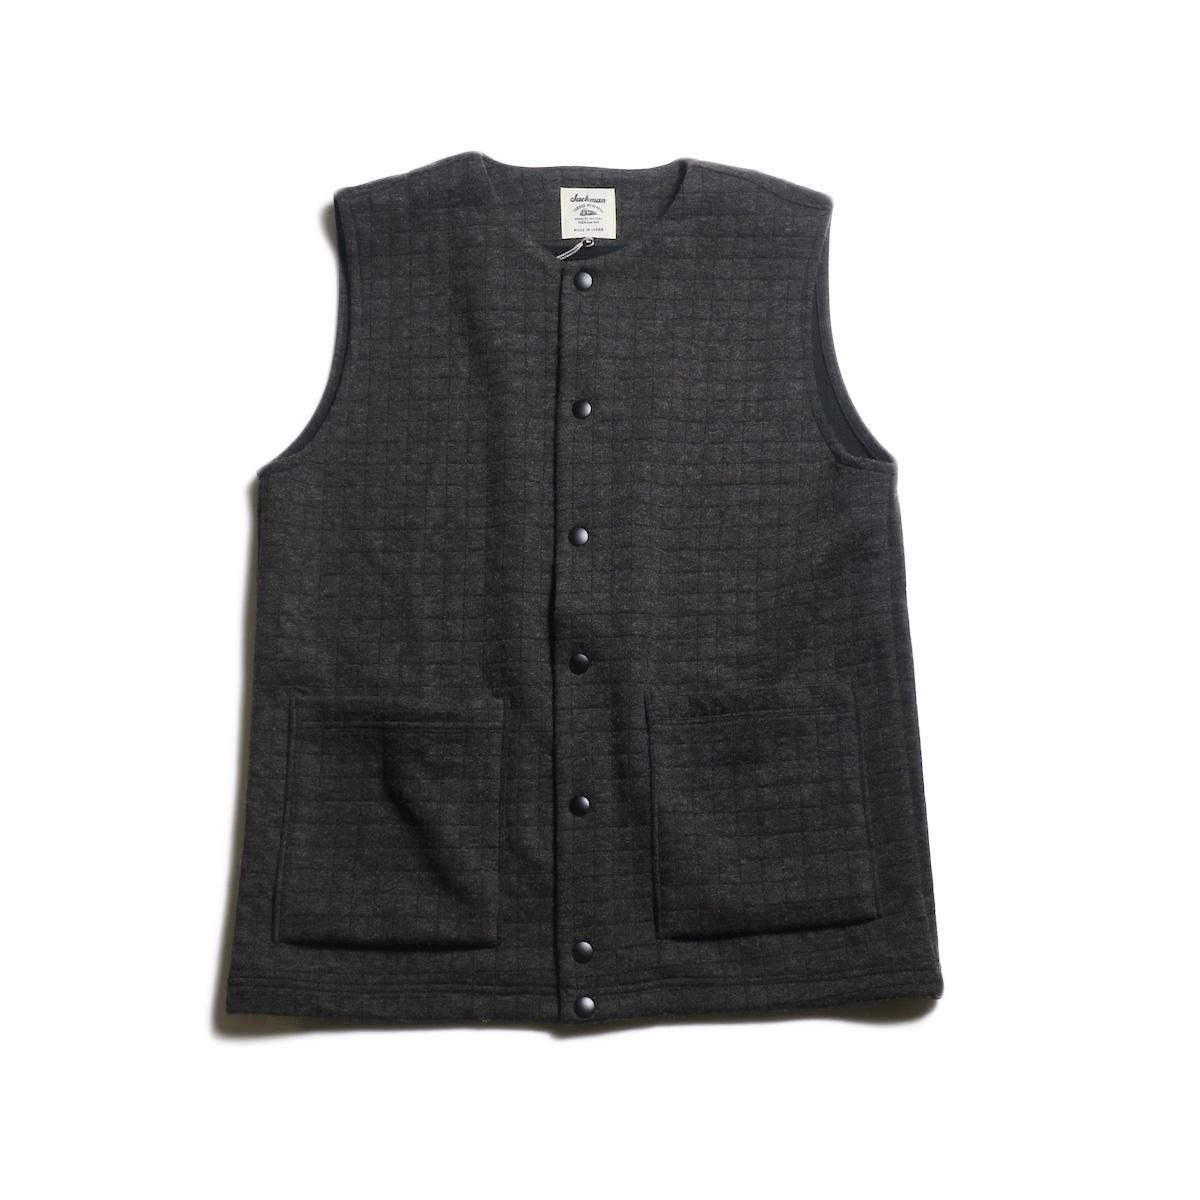 Jackman / Jersey Vest (Charcoal)